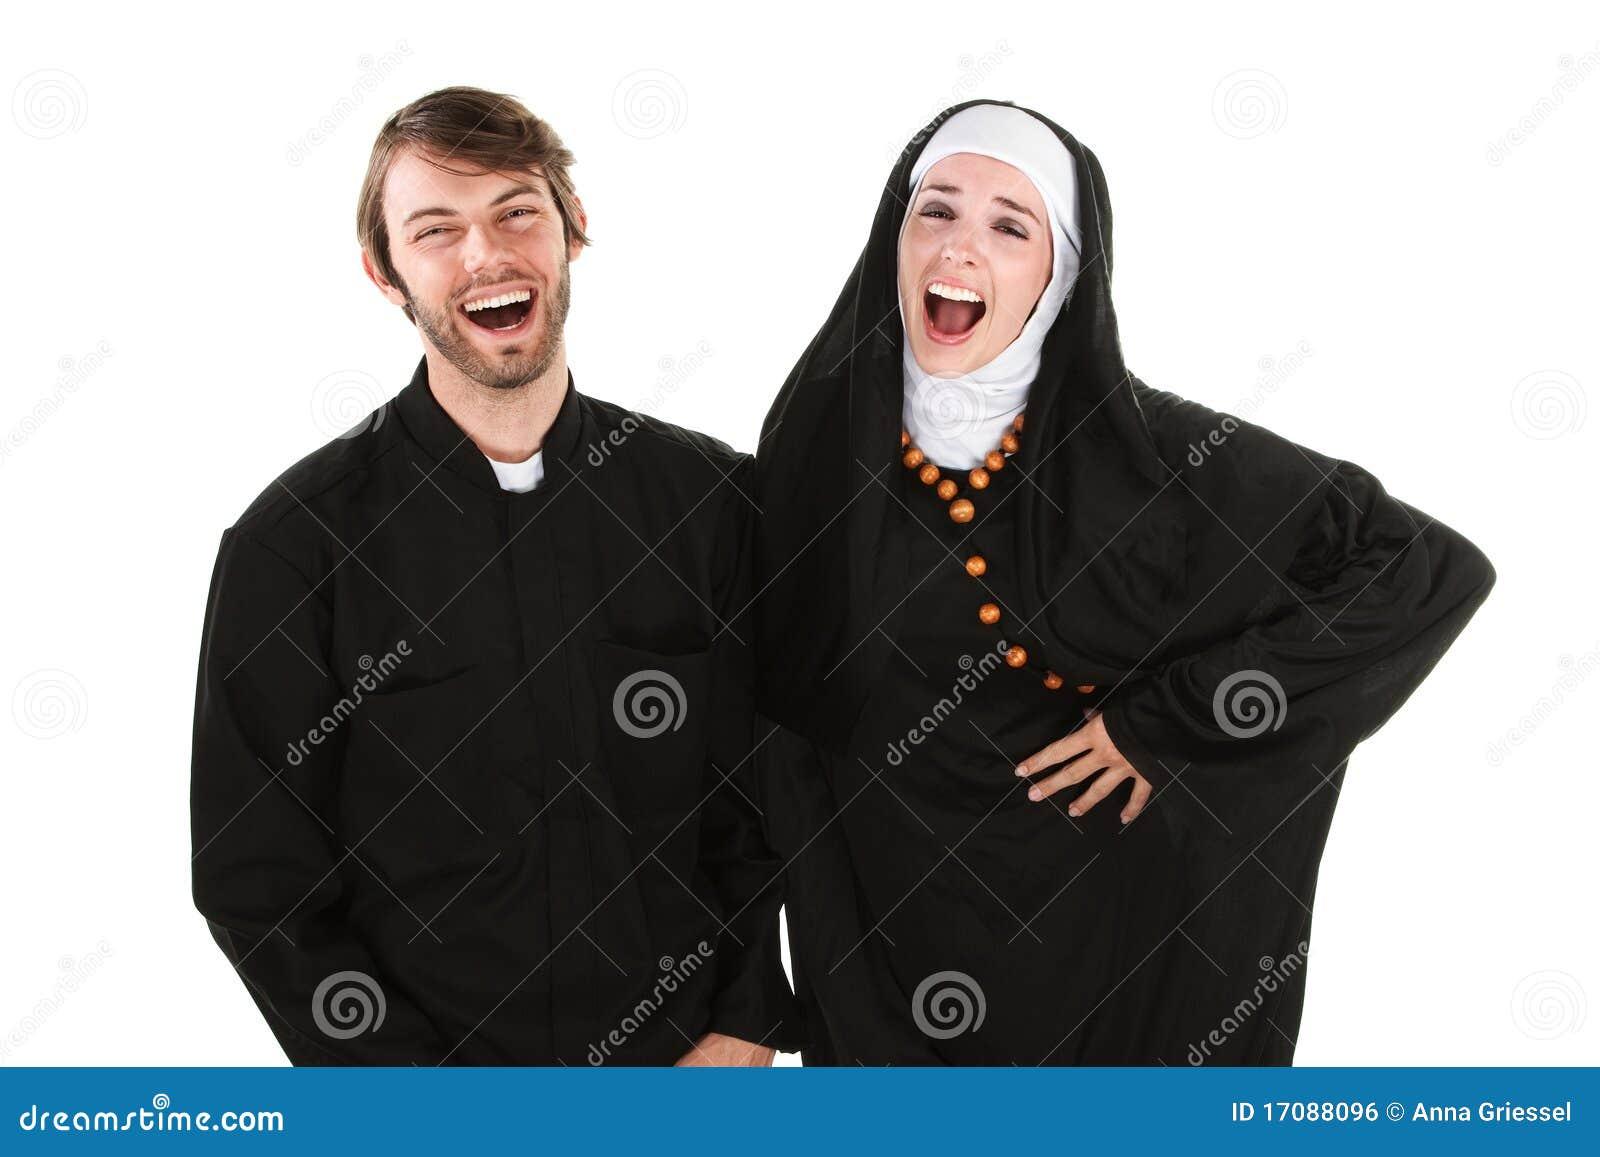 Free teen nun priest sex vids